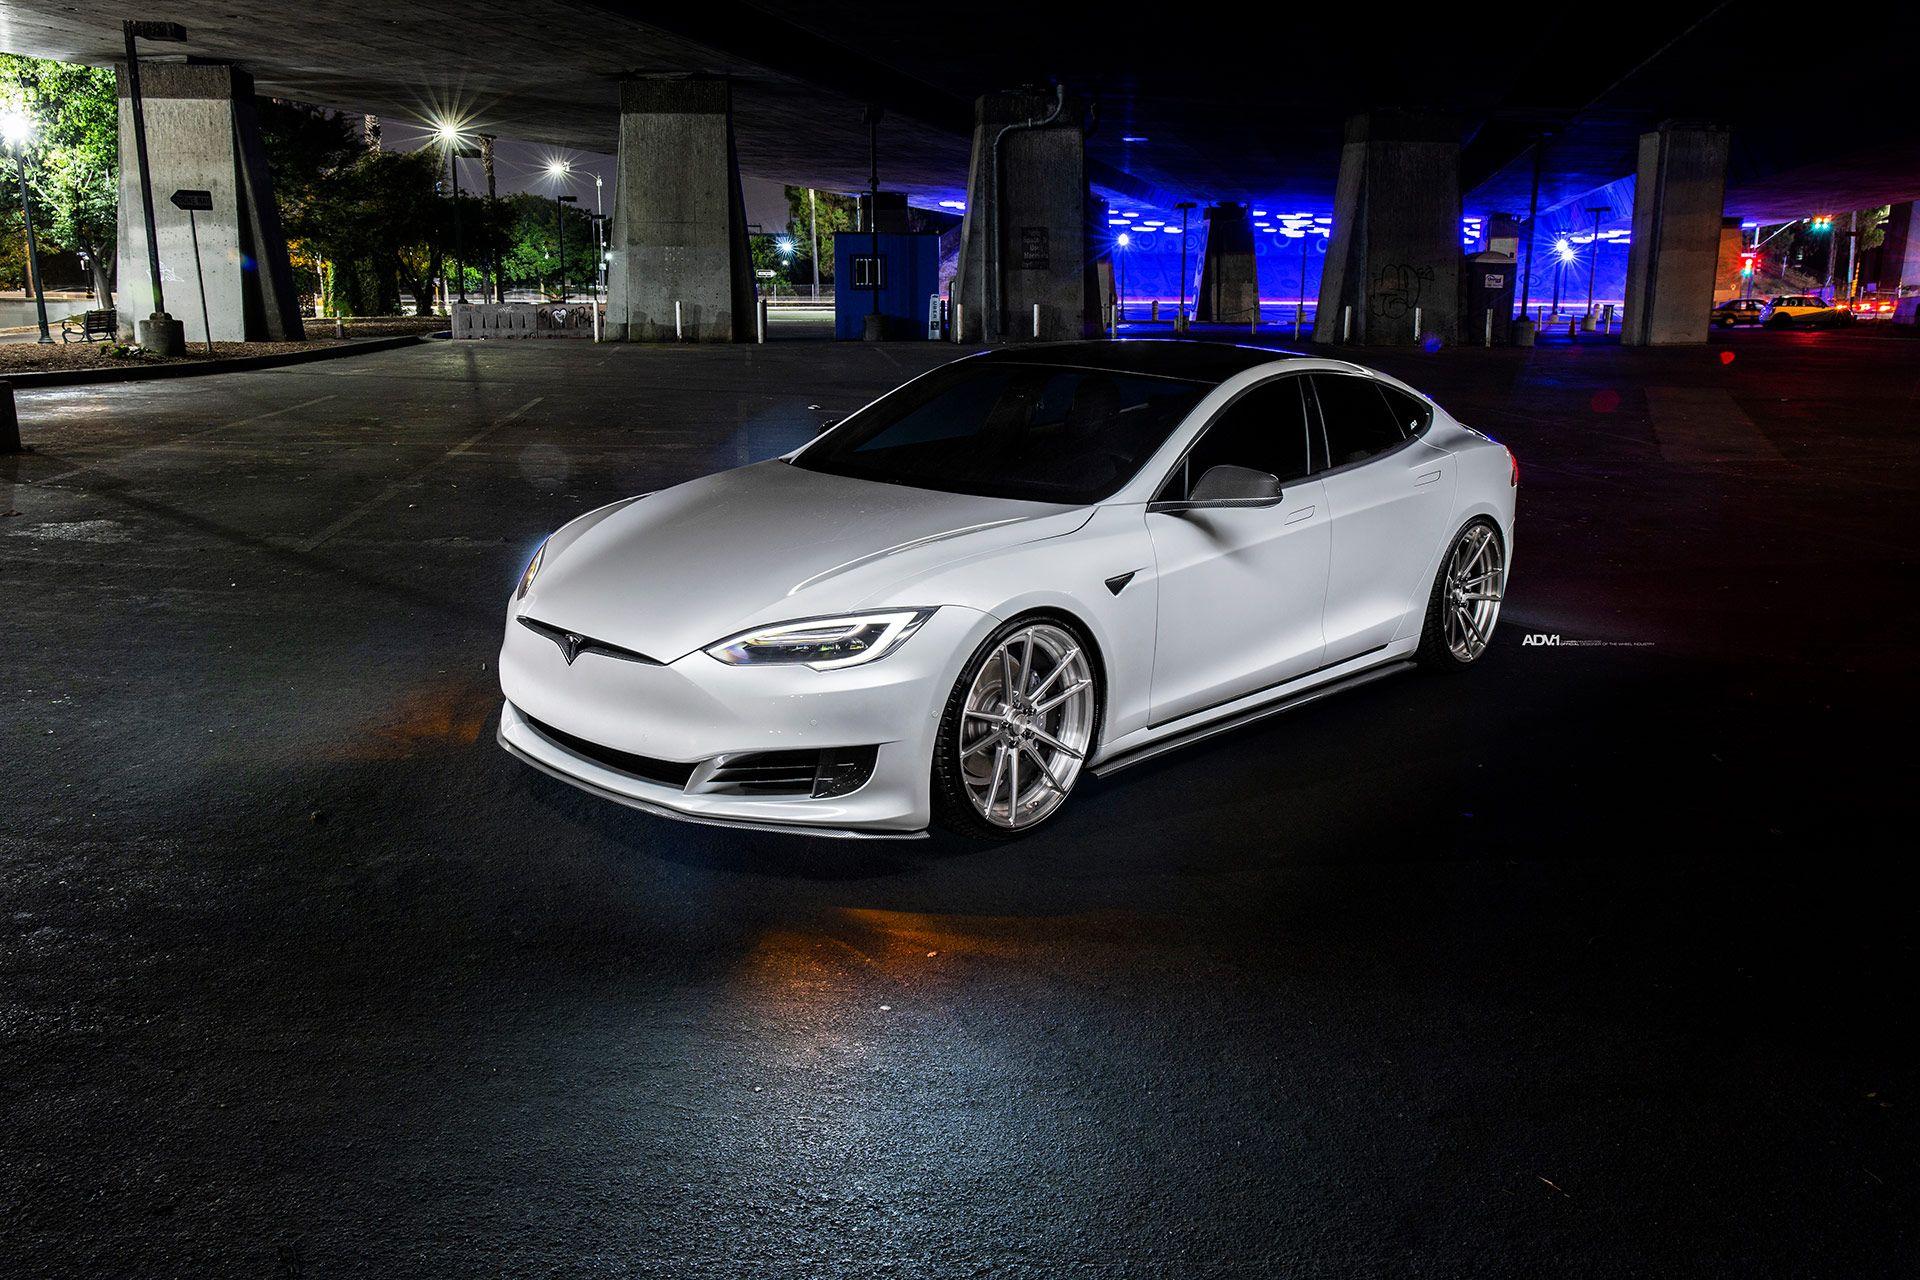 Pearl White Tesla Model S Pops In Striking Photoshoot Tesla